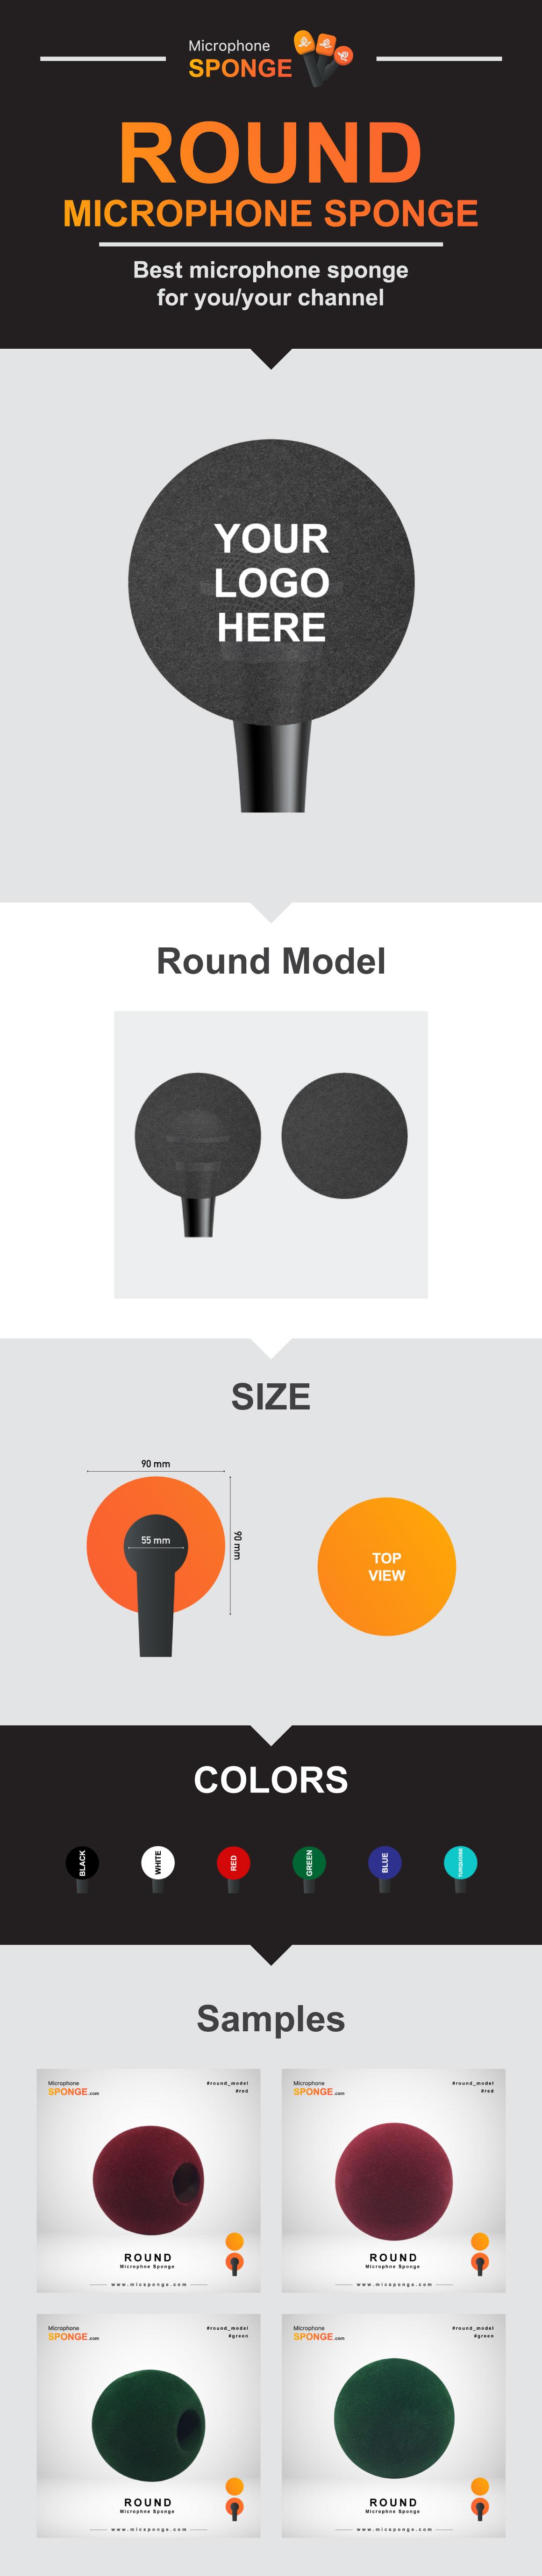 Microphone Sponge Round